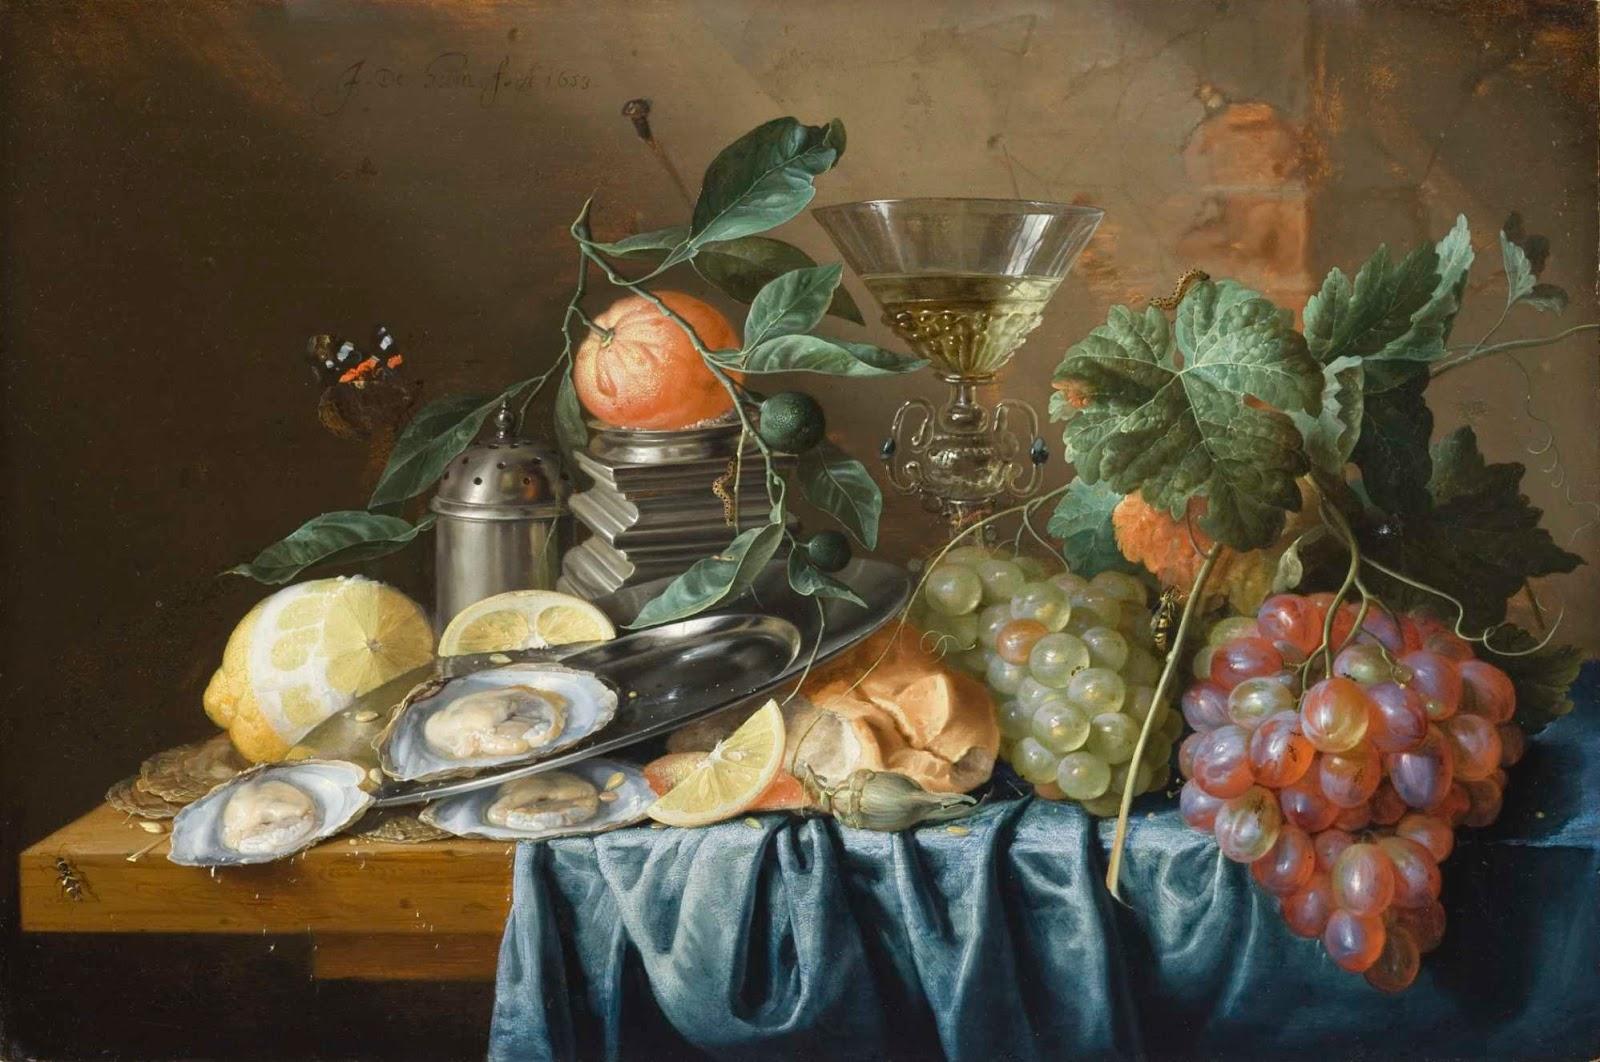 Jan Davidsz. de Heem Natura morta con ostriche e uva ( 1653 ) [anna lav]